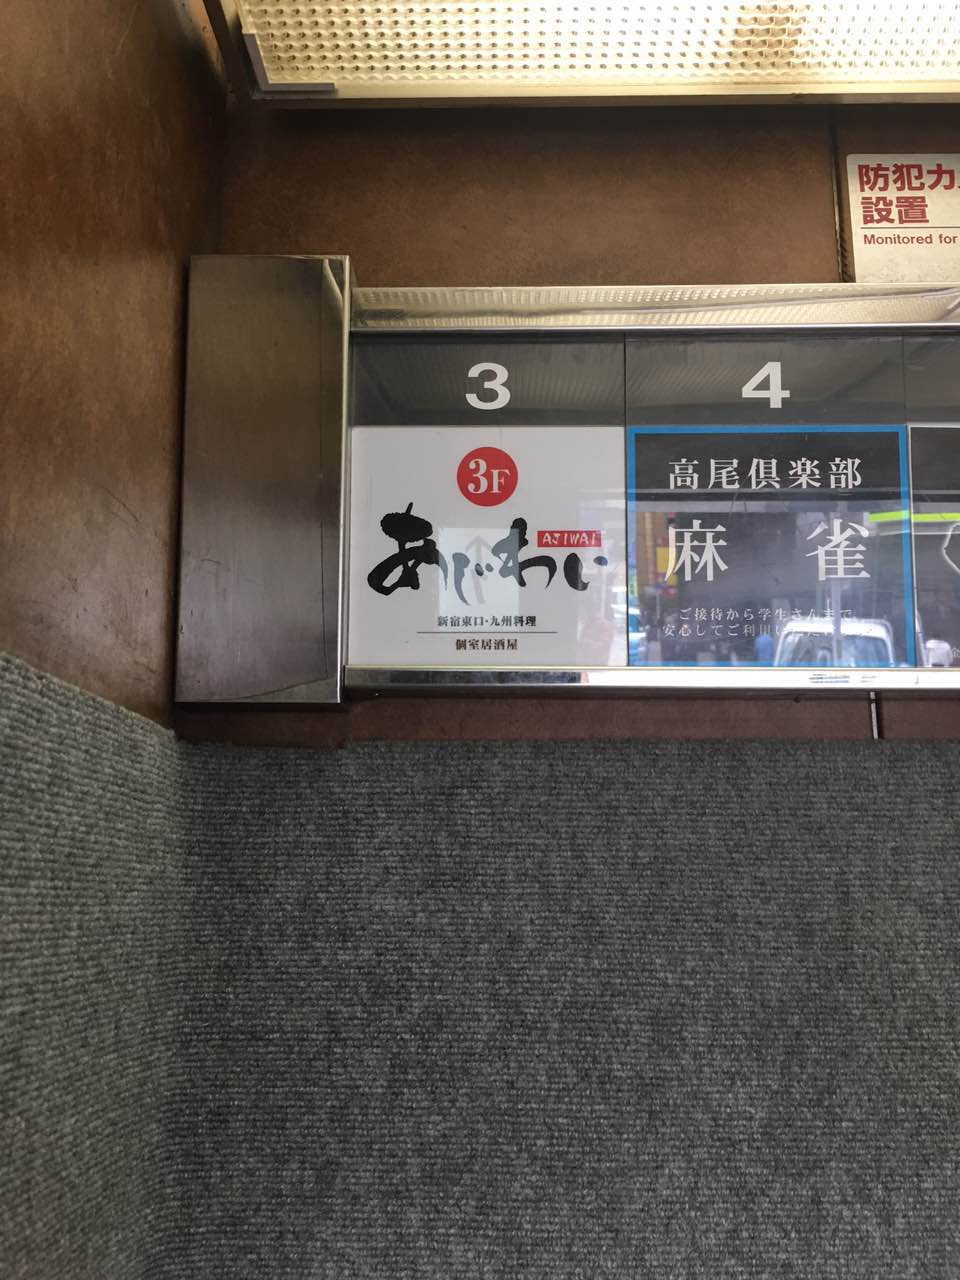 居酒屋の看板/盤面交換/インクジェット出力/袖看板